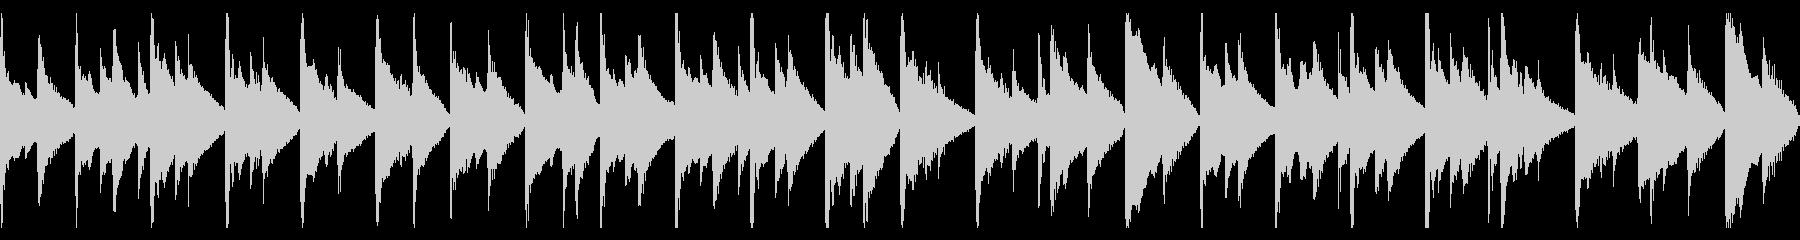 時計の音が印象的なピアノ&ベースBGMの未再生の波形